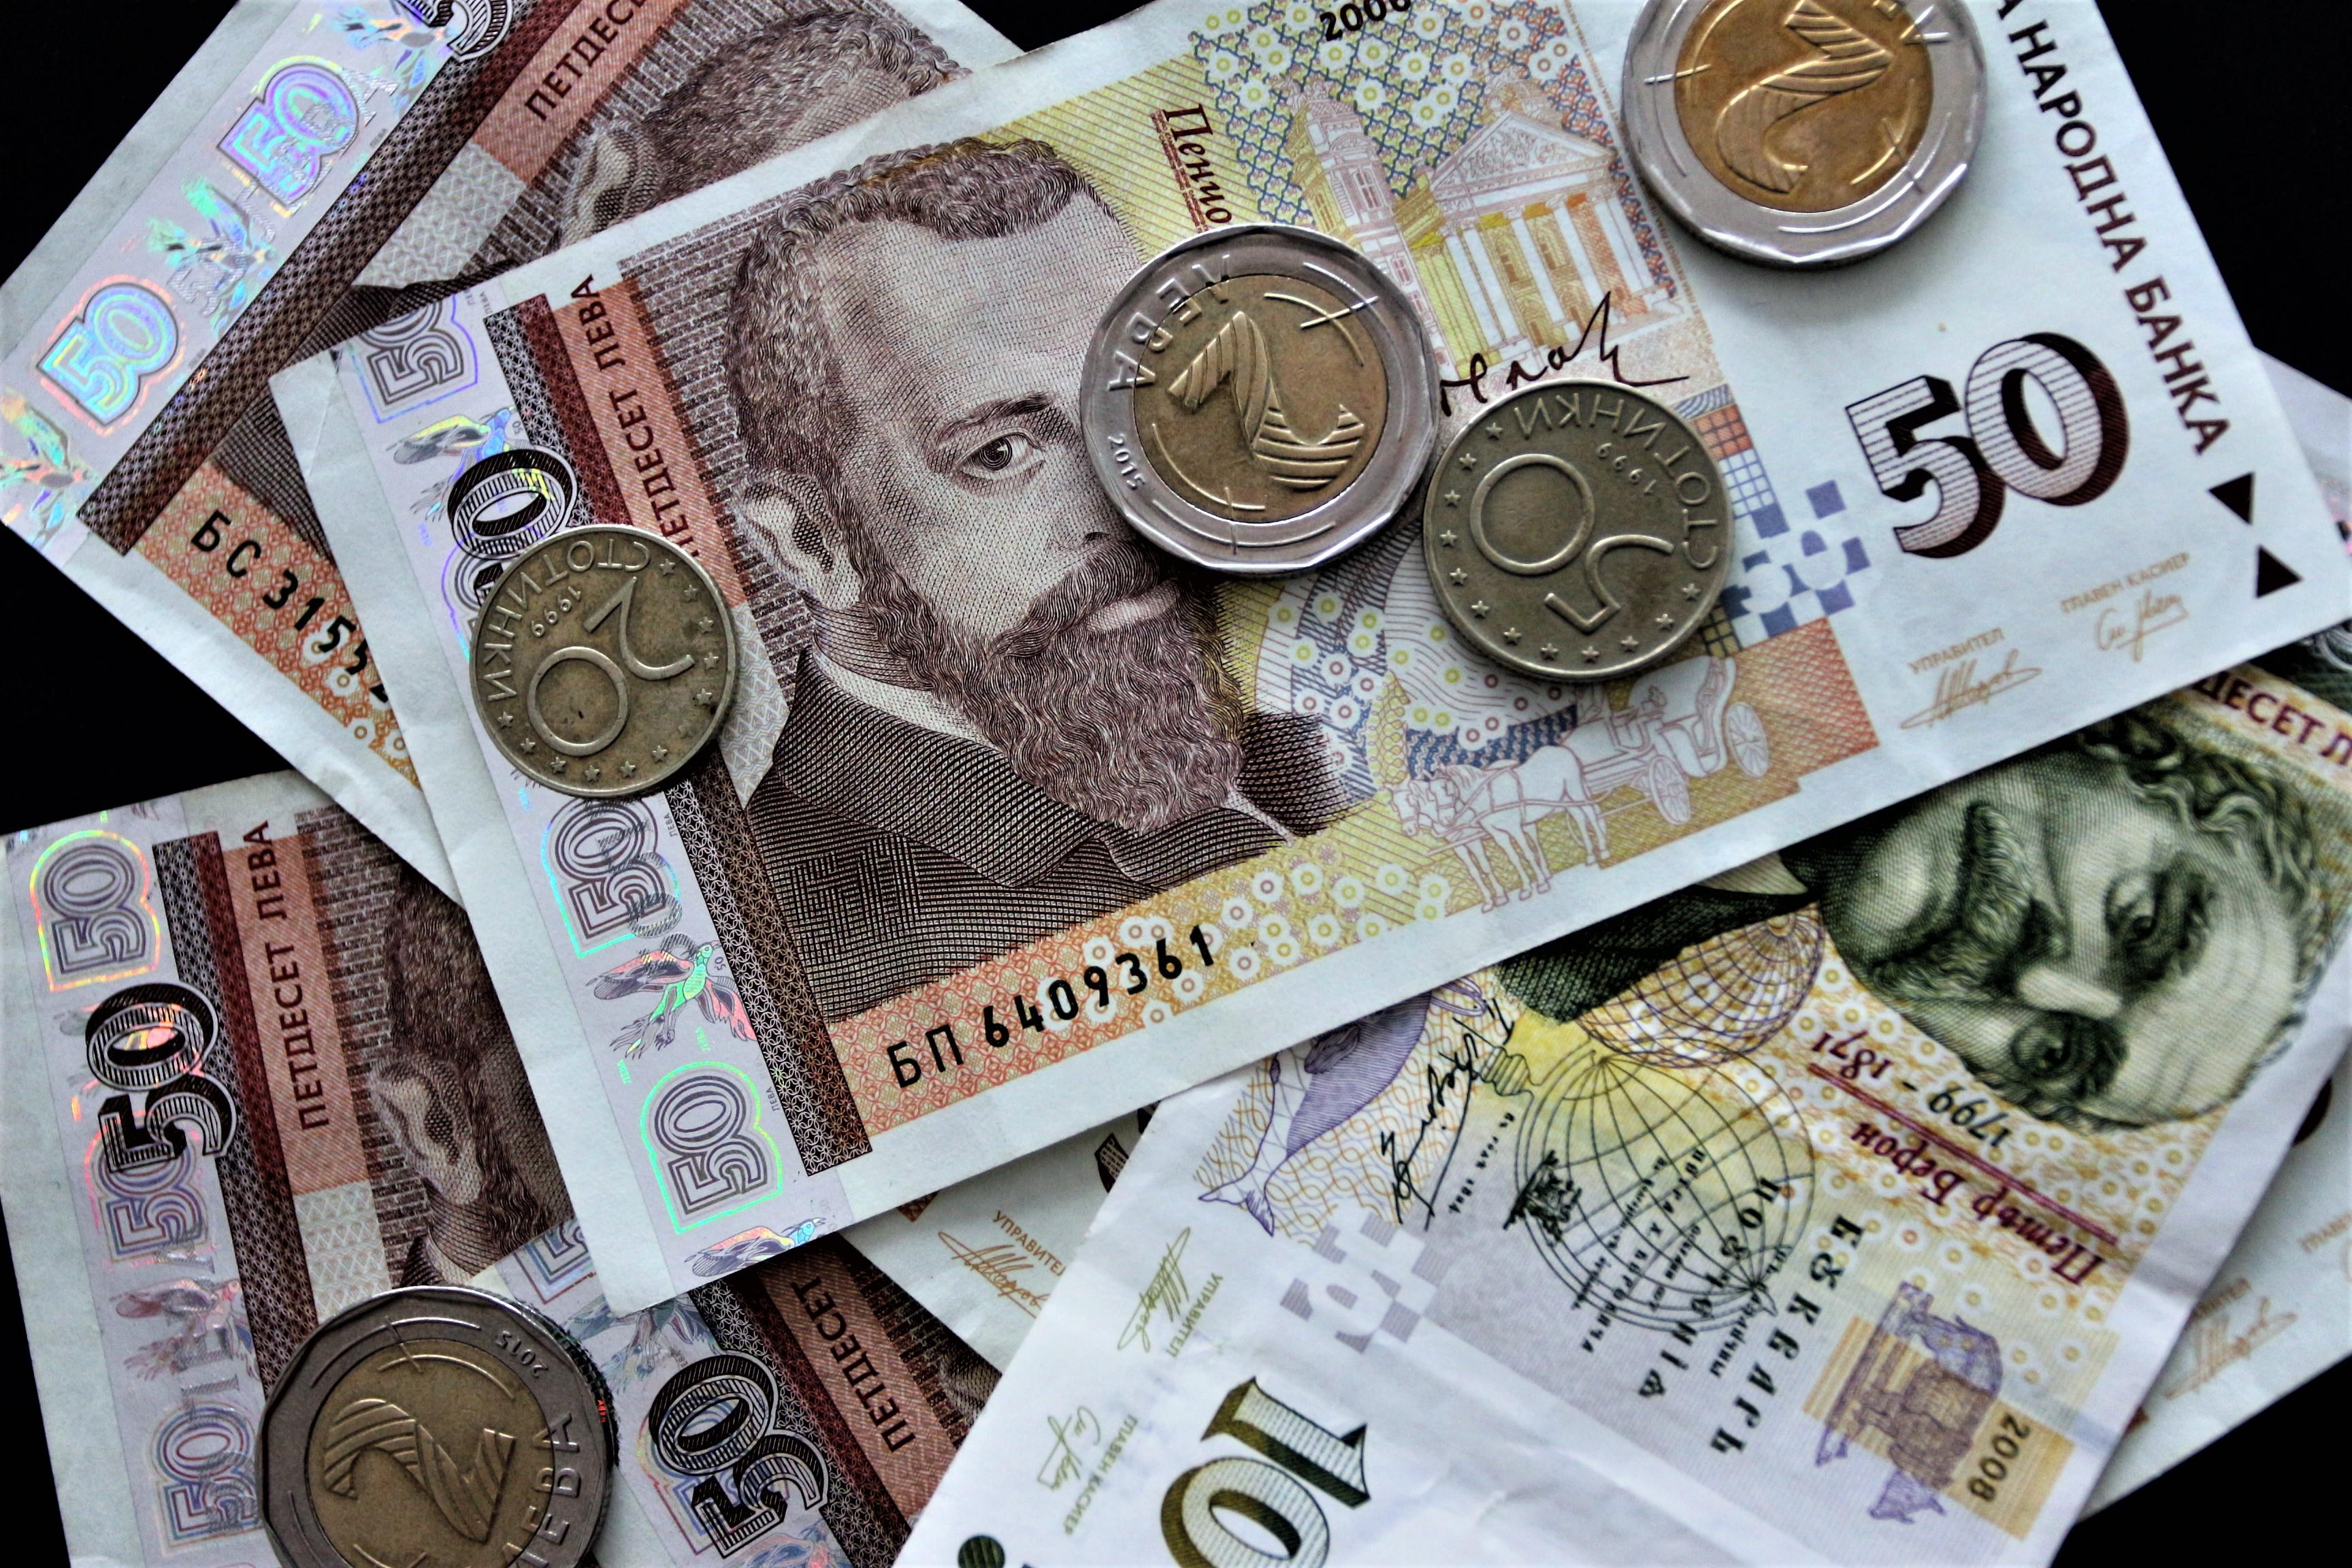 Предвижда се: От 1 октомври минималната пенсия да стане 340 лв.